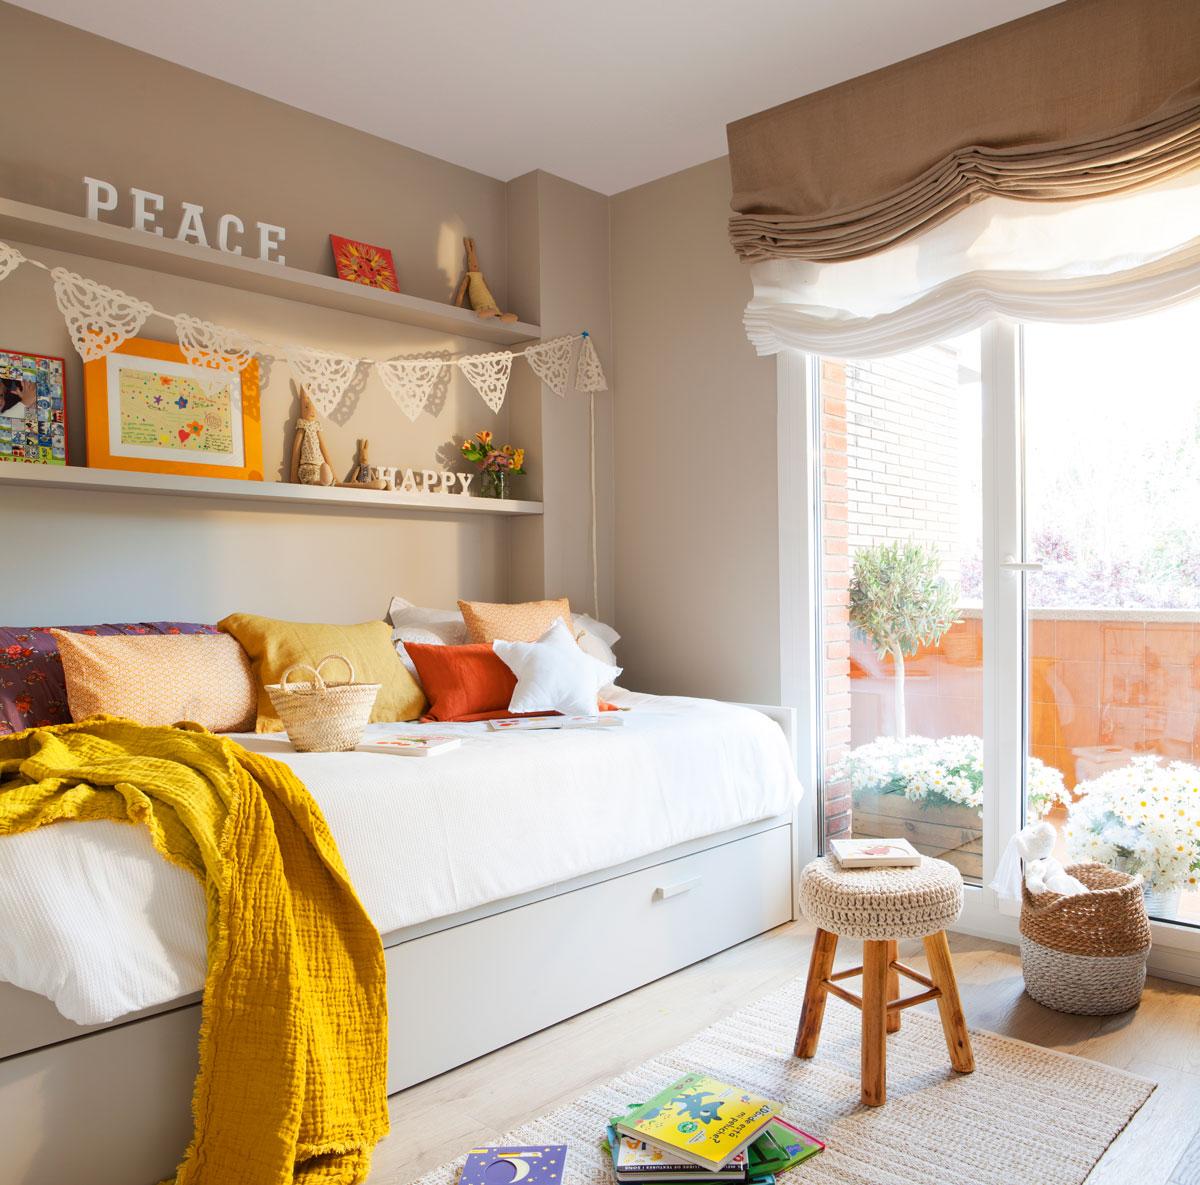 Pintar dormitorio infantil - Mueble de habitacion ...